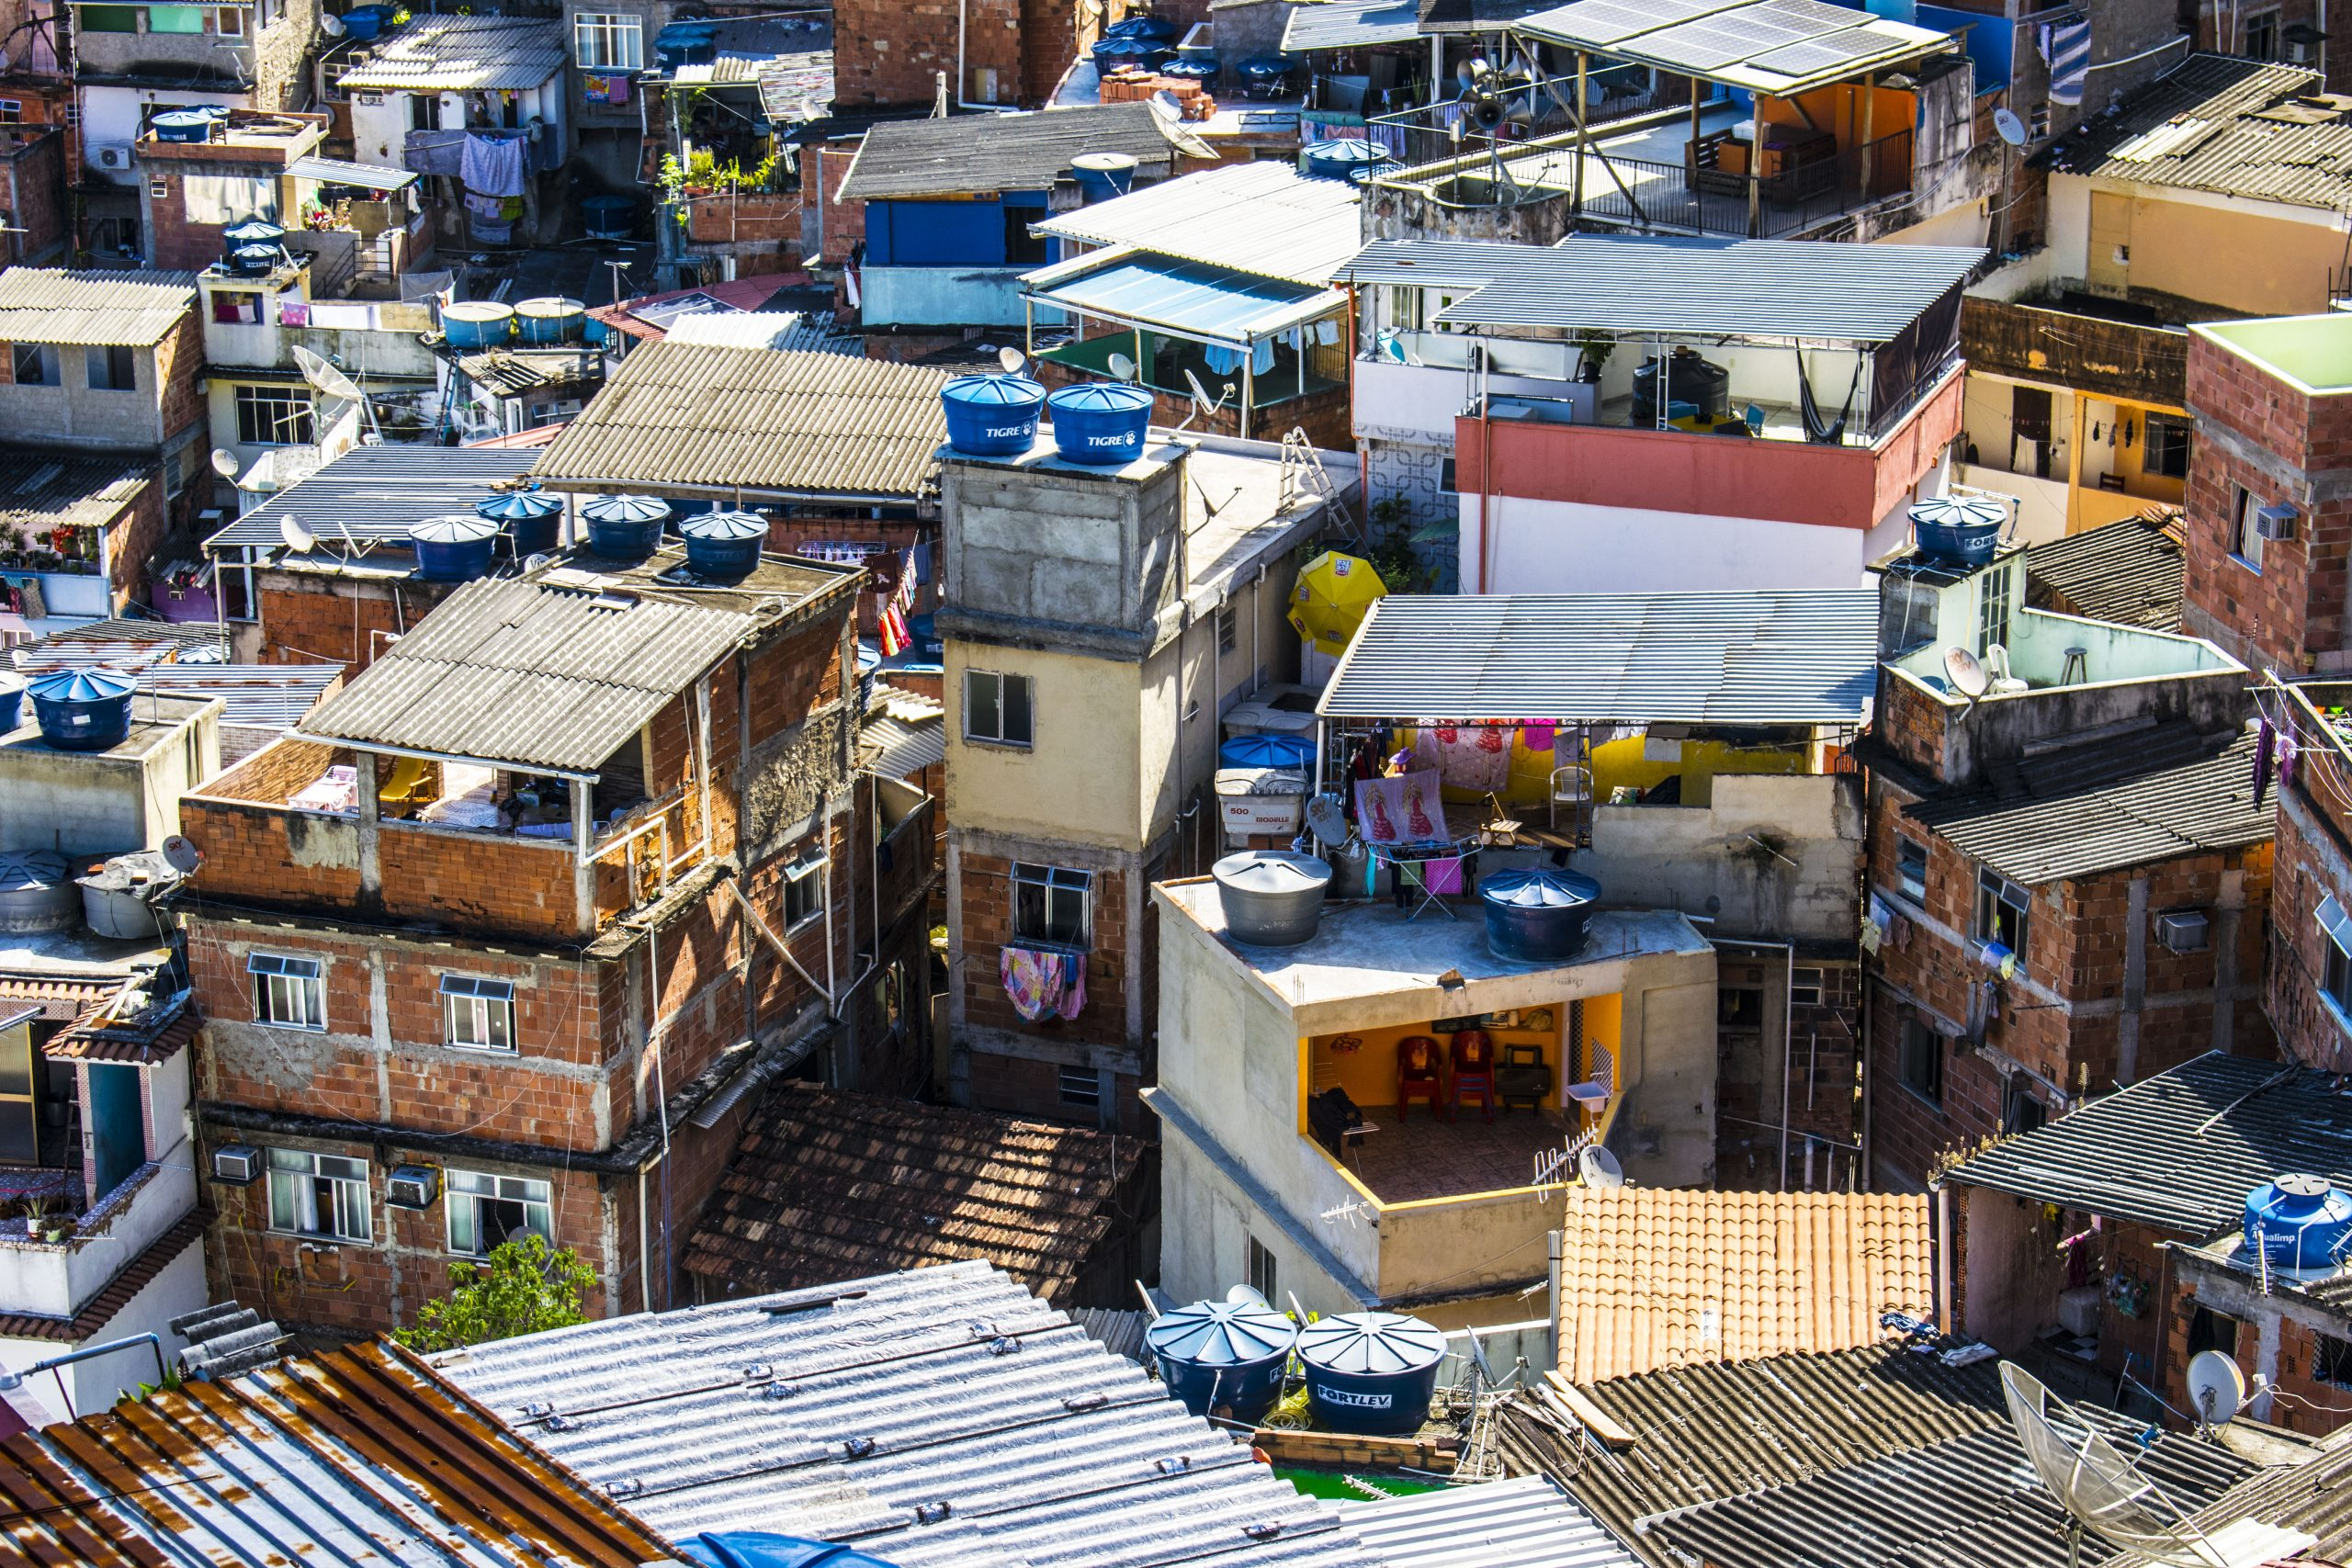 Cosa sono le favelas: la mia vita nella favela di Santa Marta